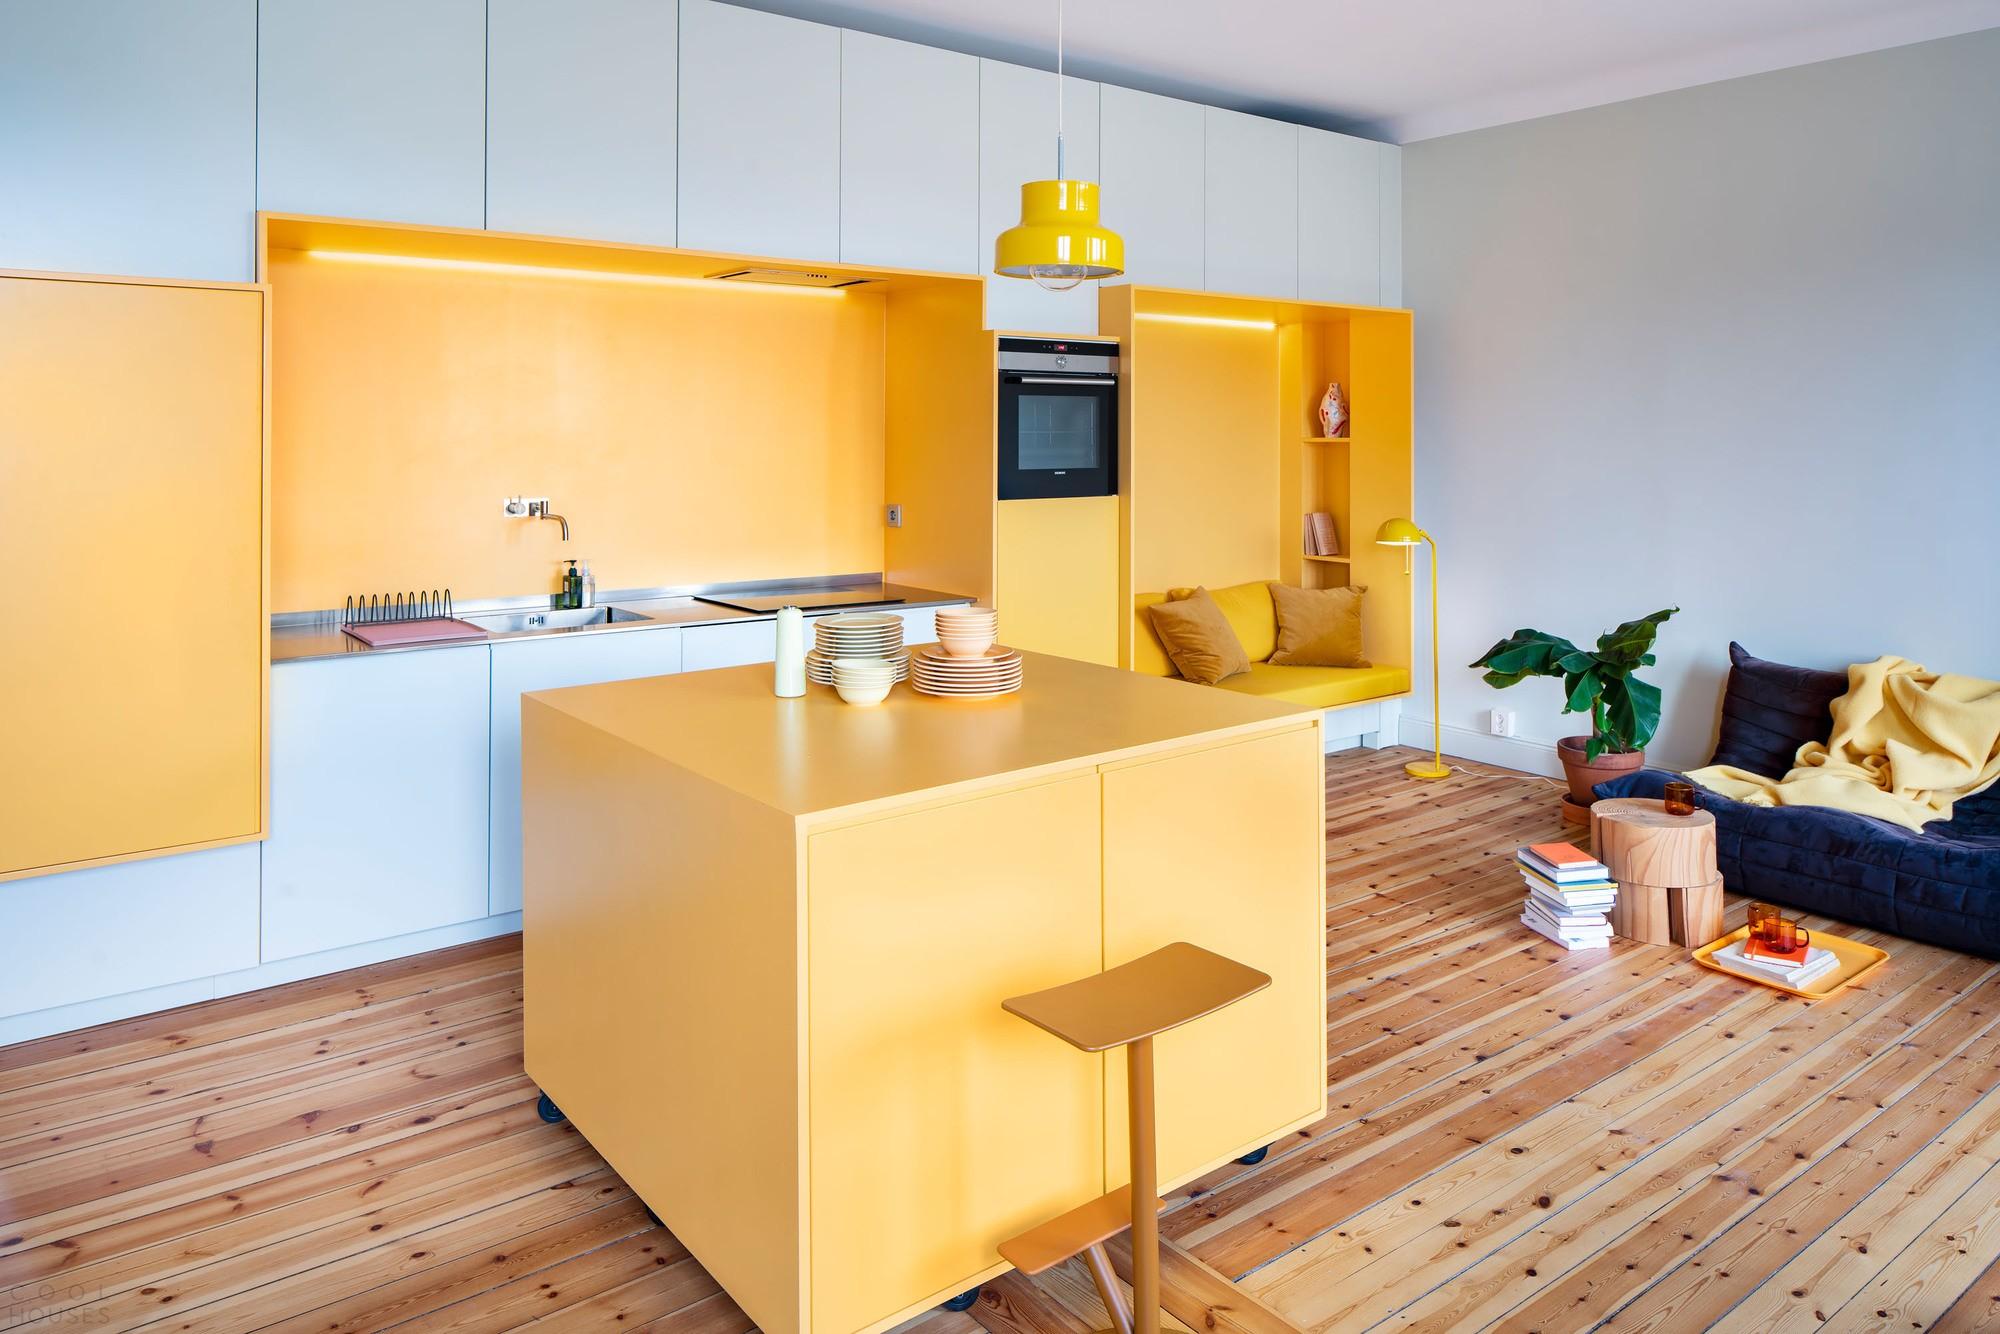 Функциональные апартаменты с ярко-желтыми цветовыми акцентами